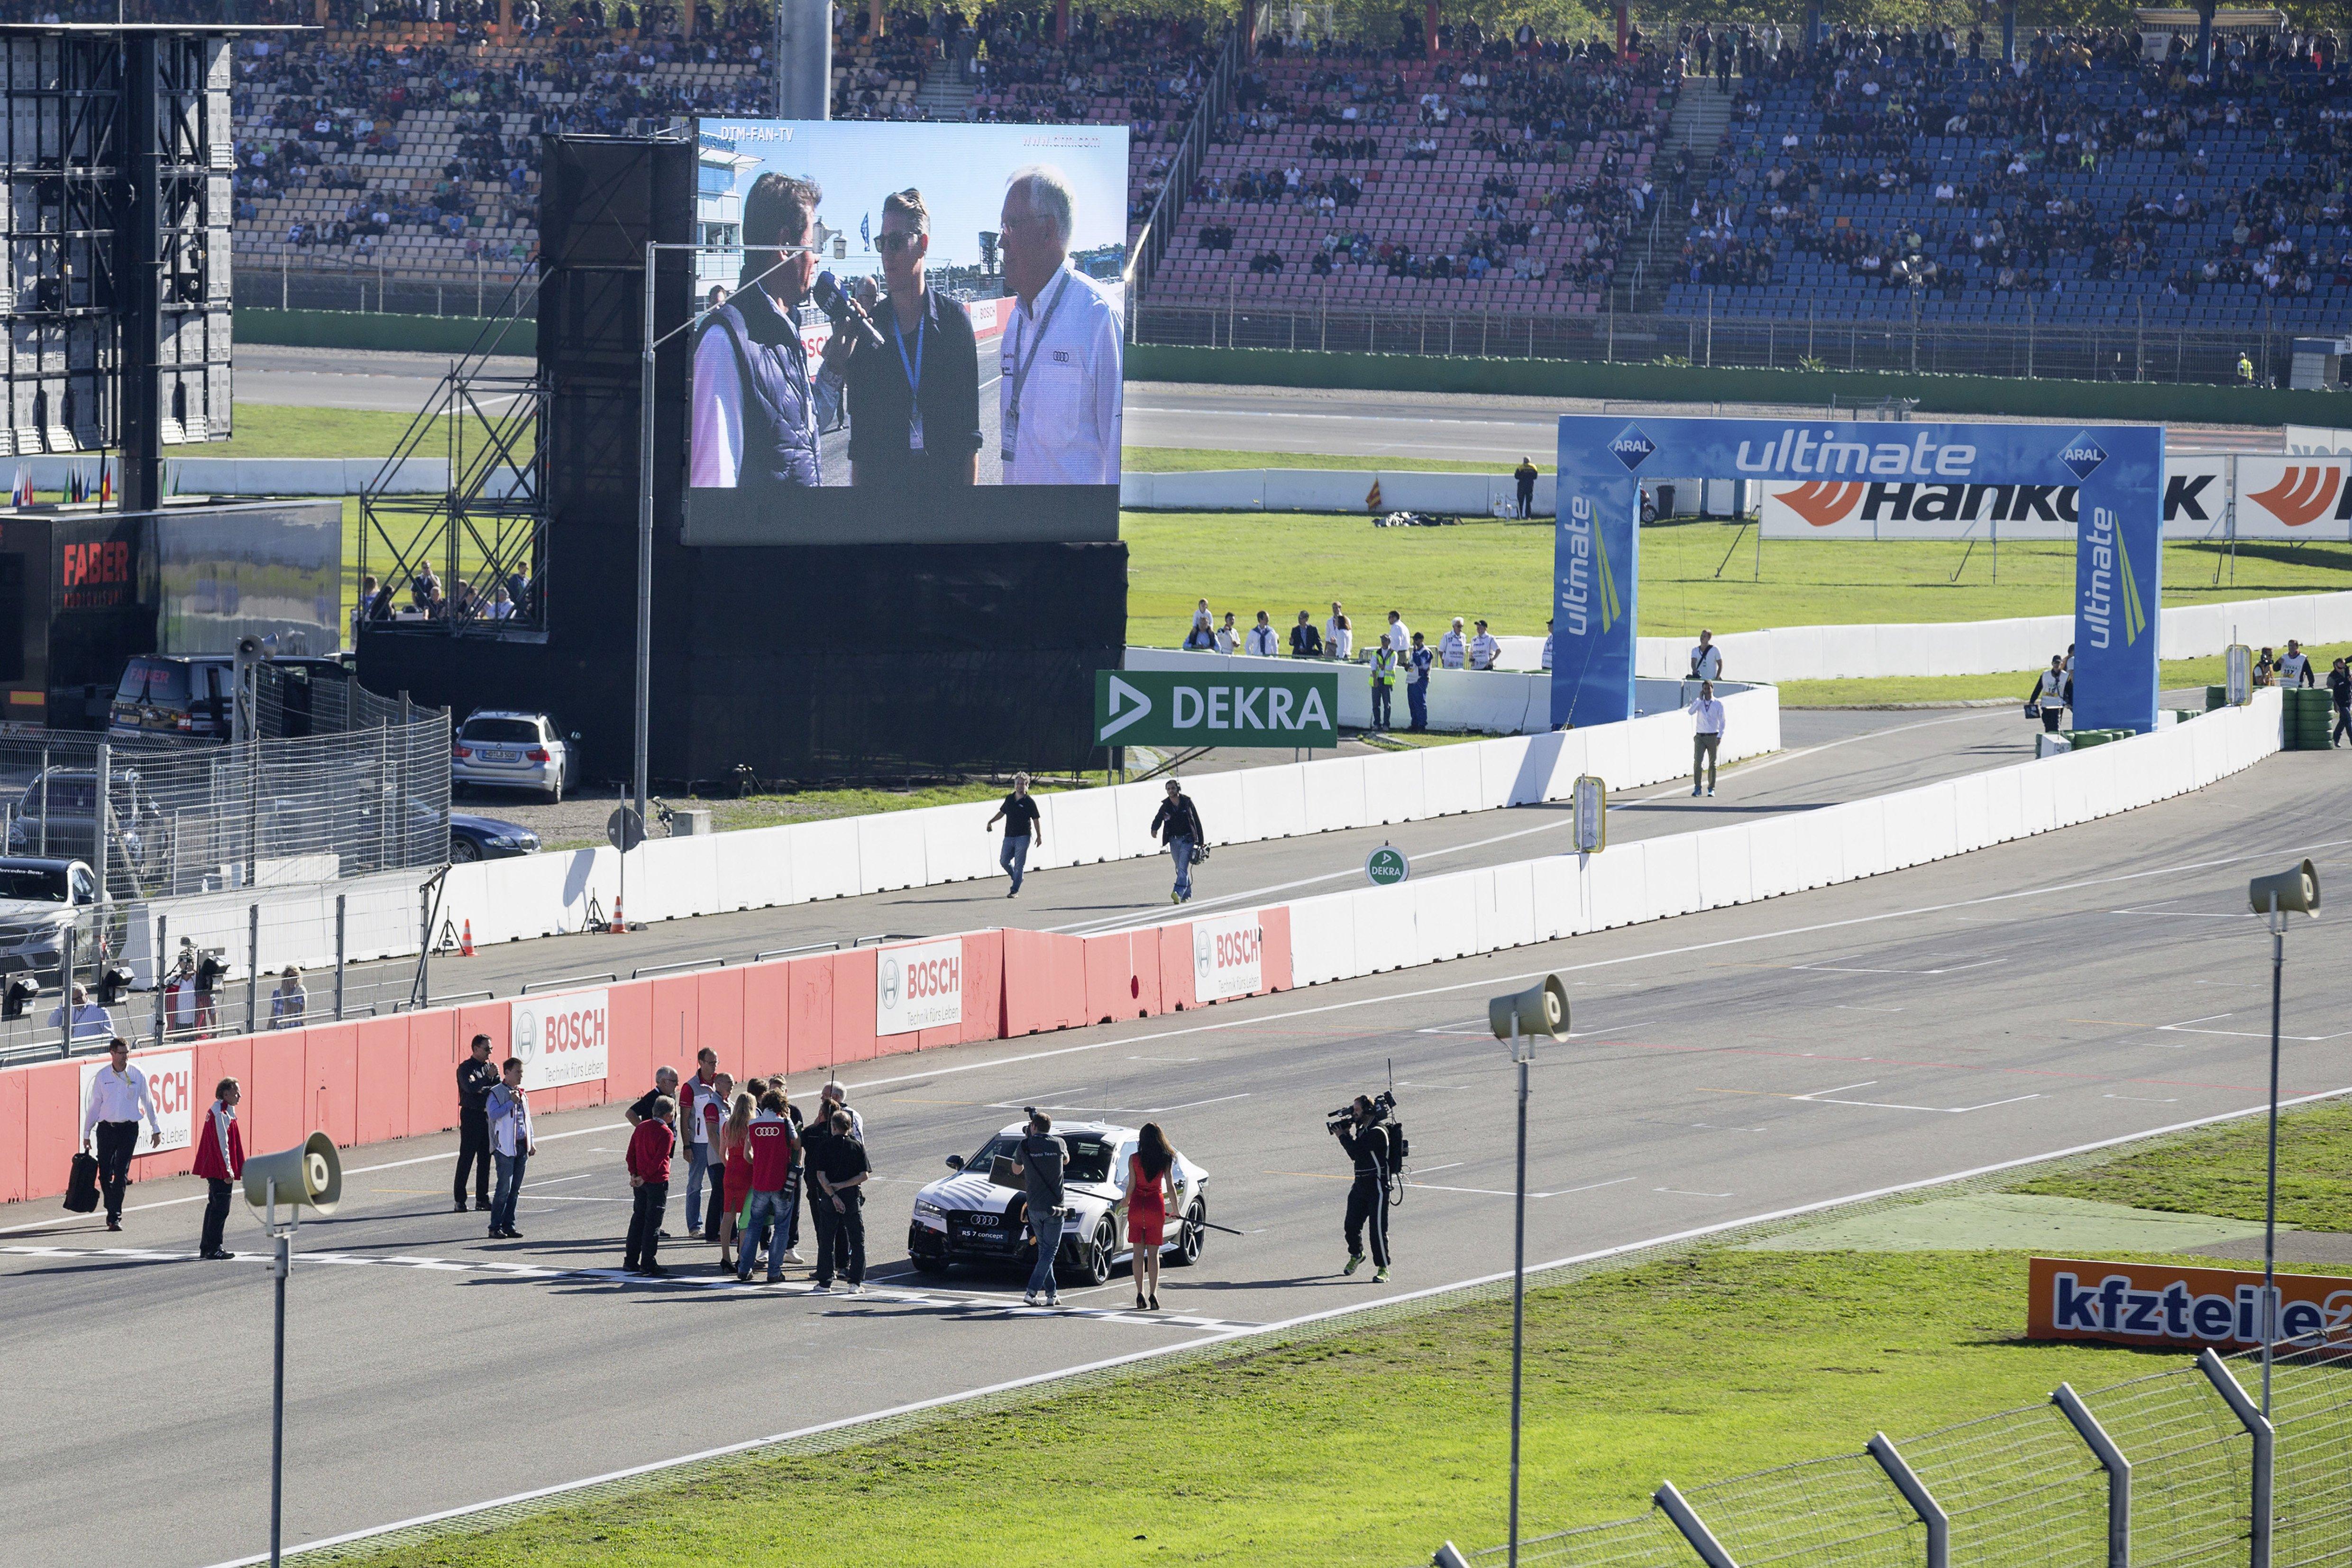 Fußballer Bastian Schweinsteiger und Audi-Entwicklkungsvorstand Ulrich Hackenberg vor dem Rennen im Interview.